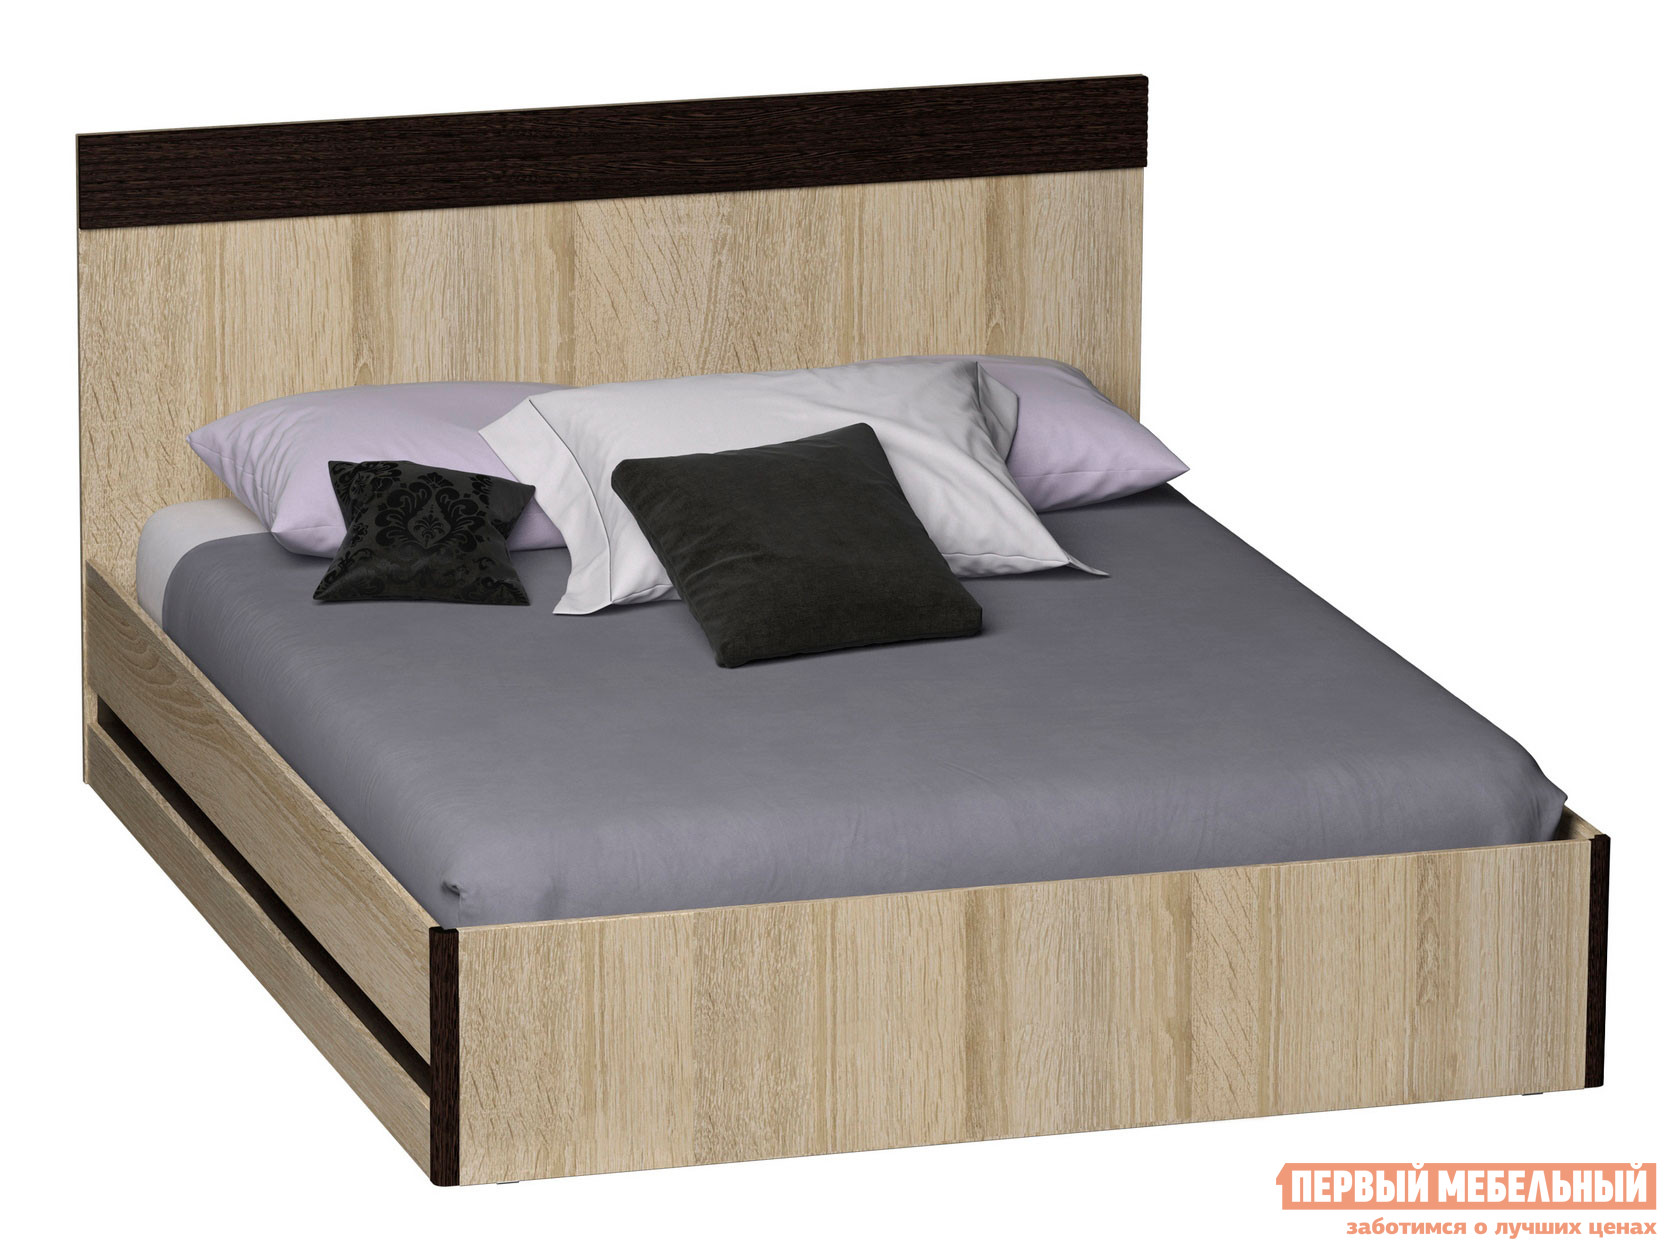 Двуспальная кровать Первый Мебельный Кровать Бланес без ПМ / Кровать Бланес с ПМ